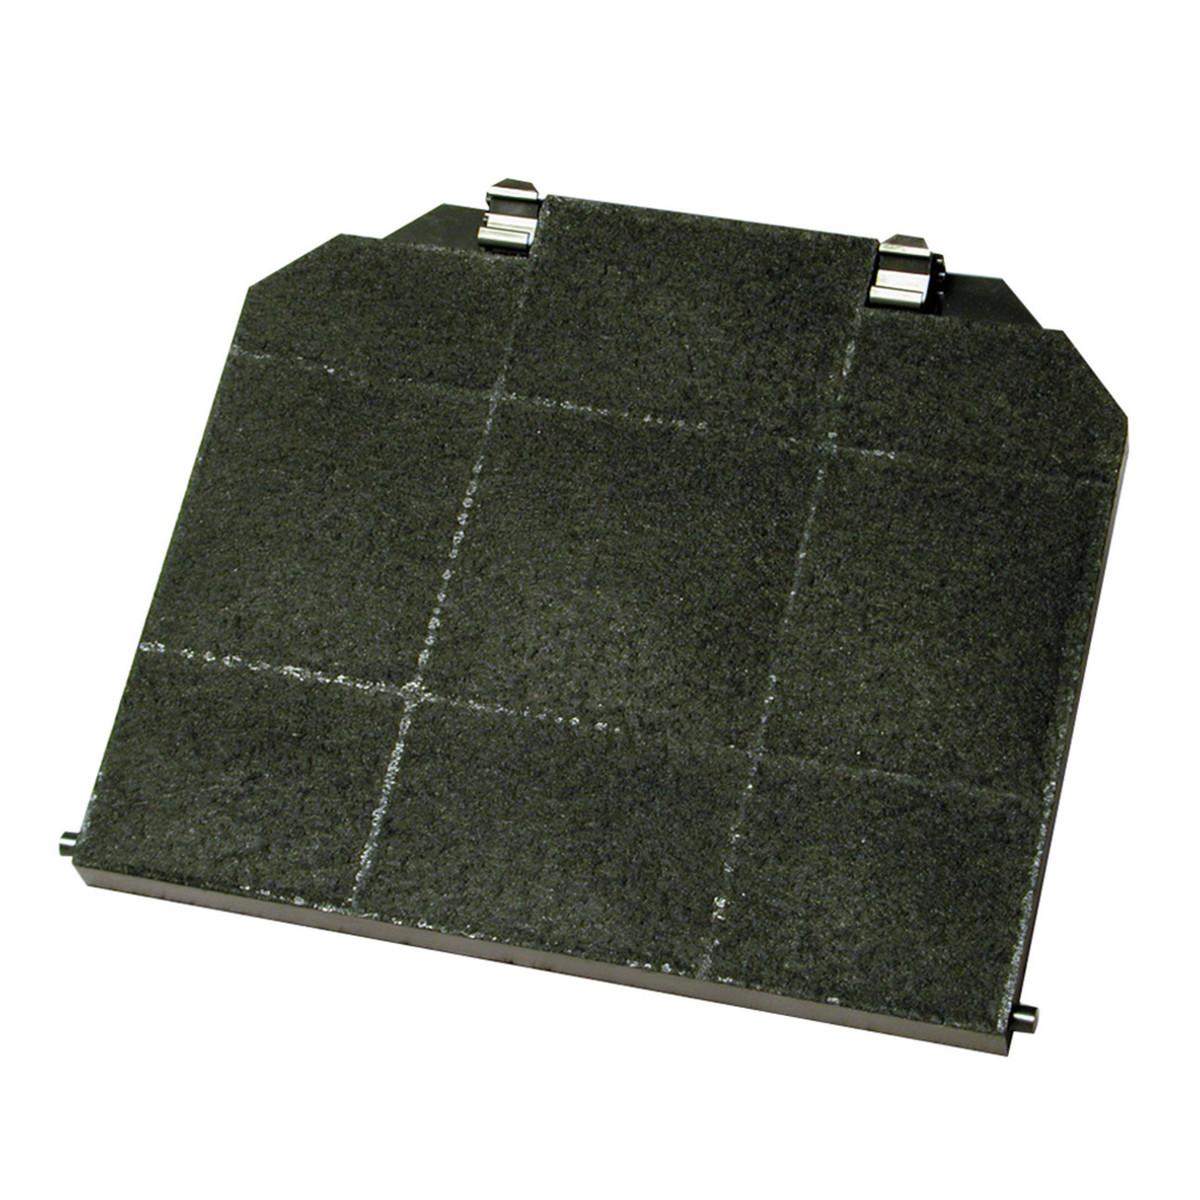 Astelav filtro per cappa carbone baraldi rainox prezzo e - Leroy merlin 94 ...